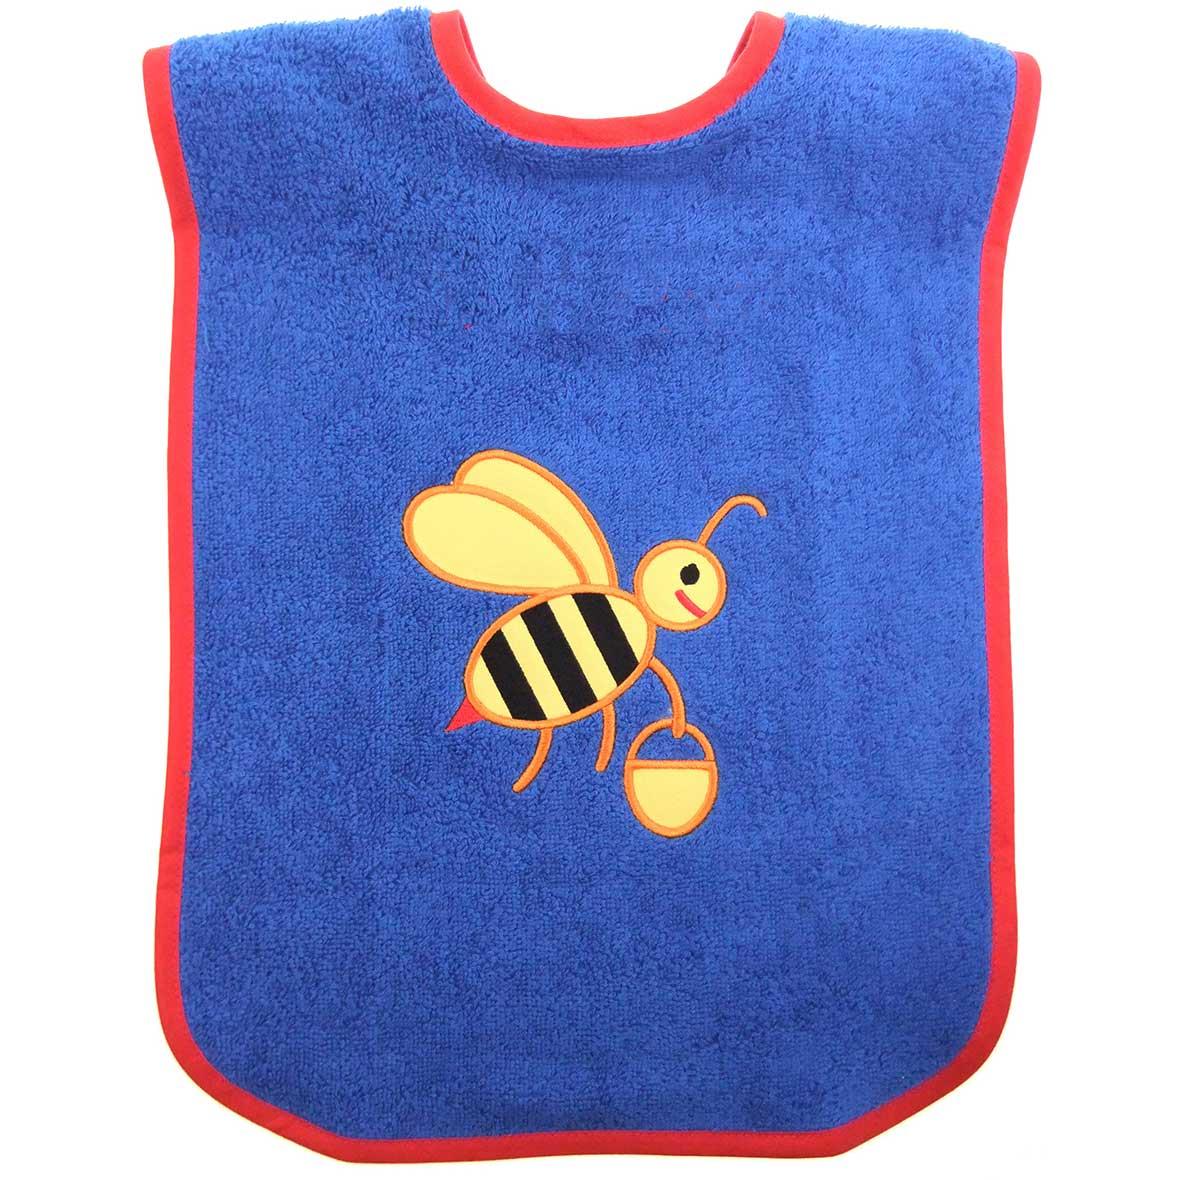 Brändi Babylätzchen Biene